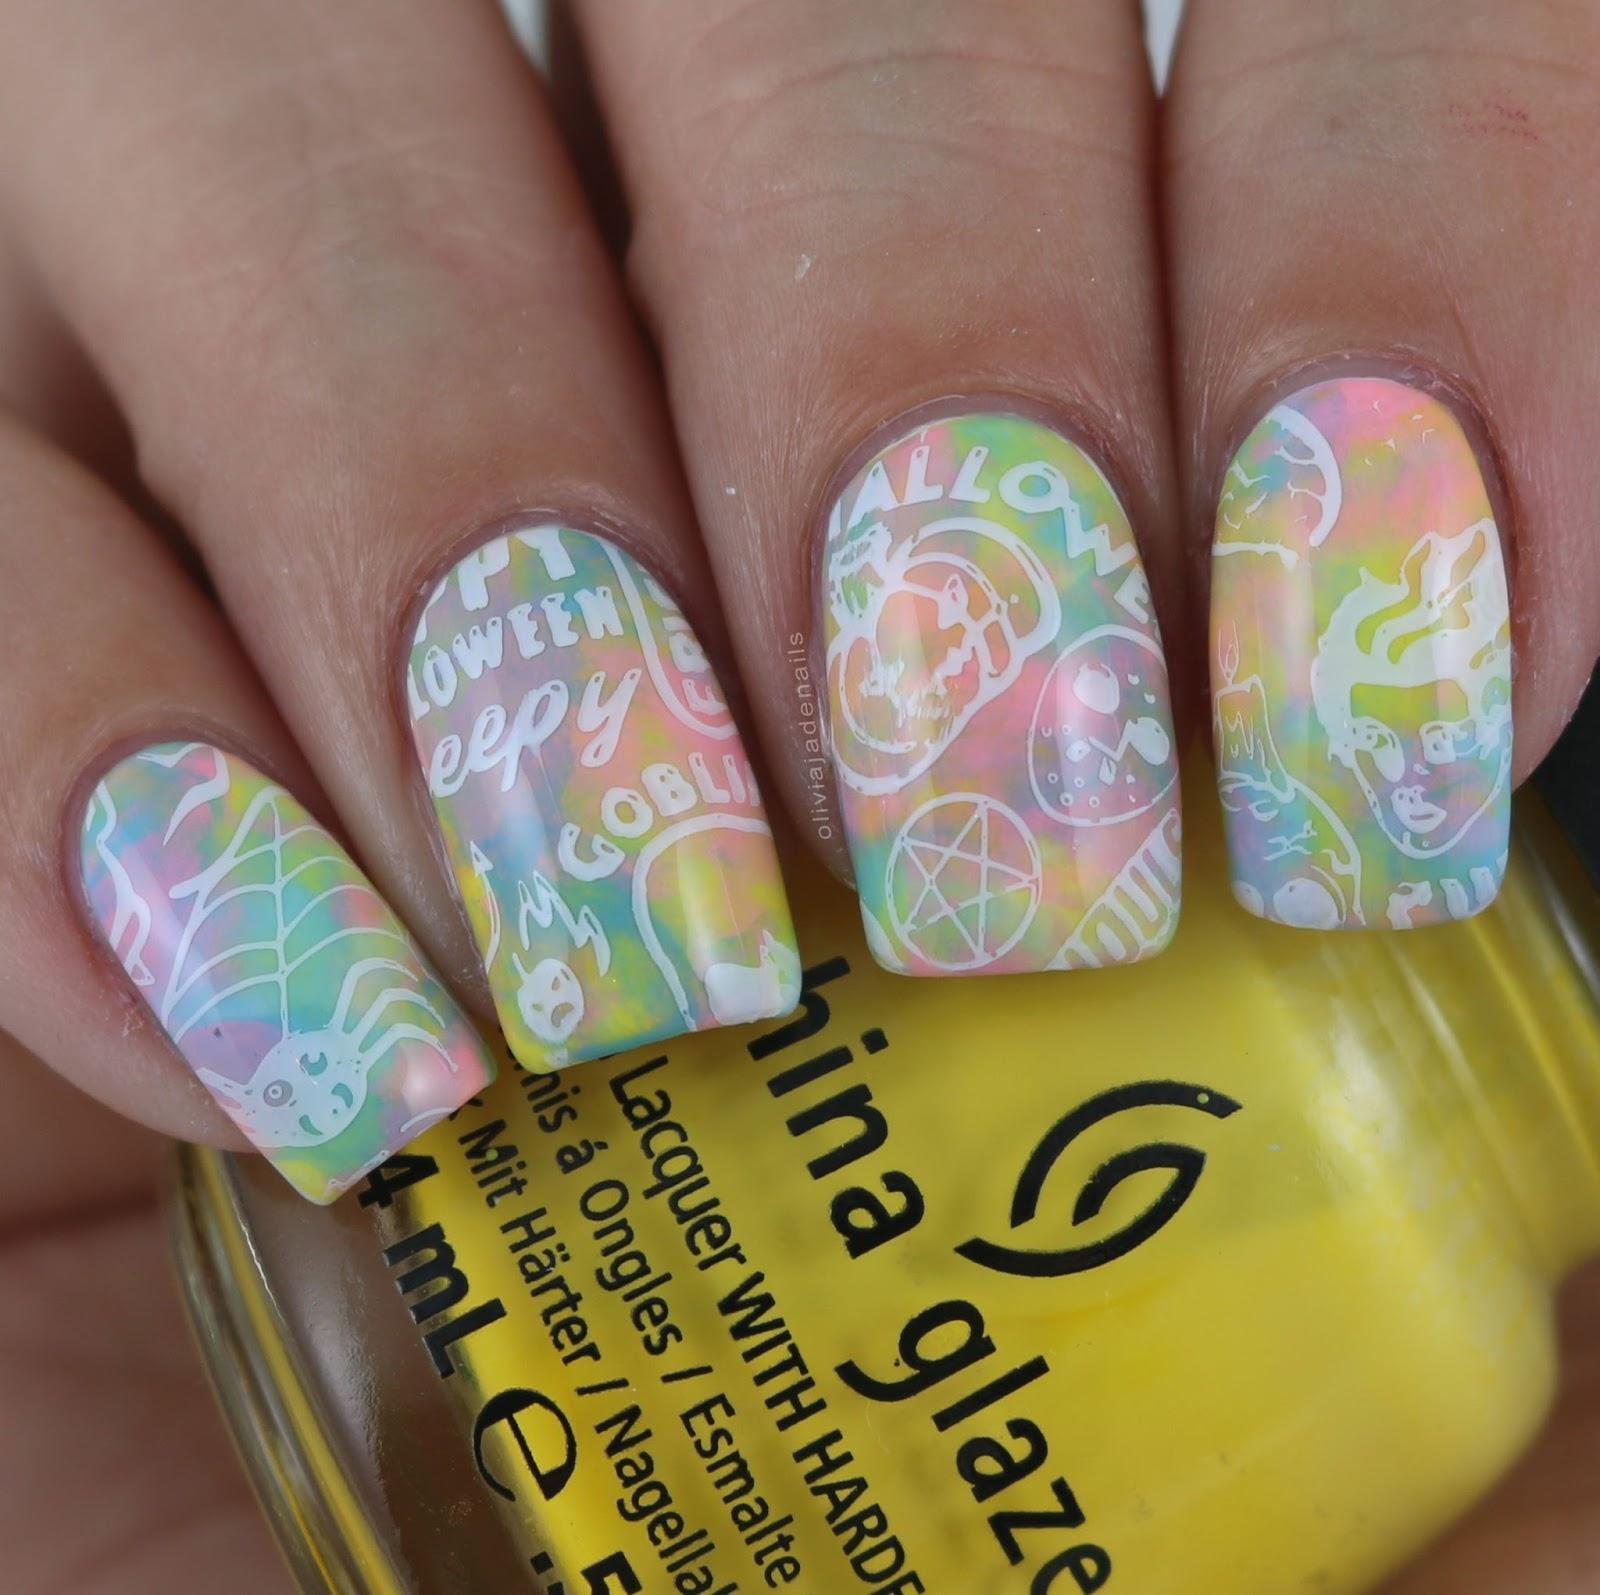 Olivia jade nails crumpets nail tarts 26 great nail art ideas halloween prinsesfo Choice Image